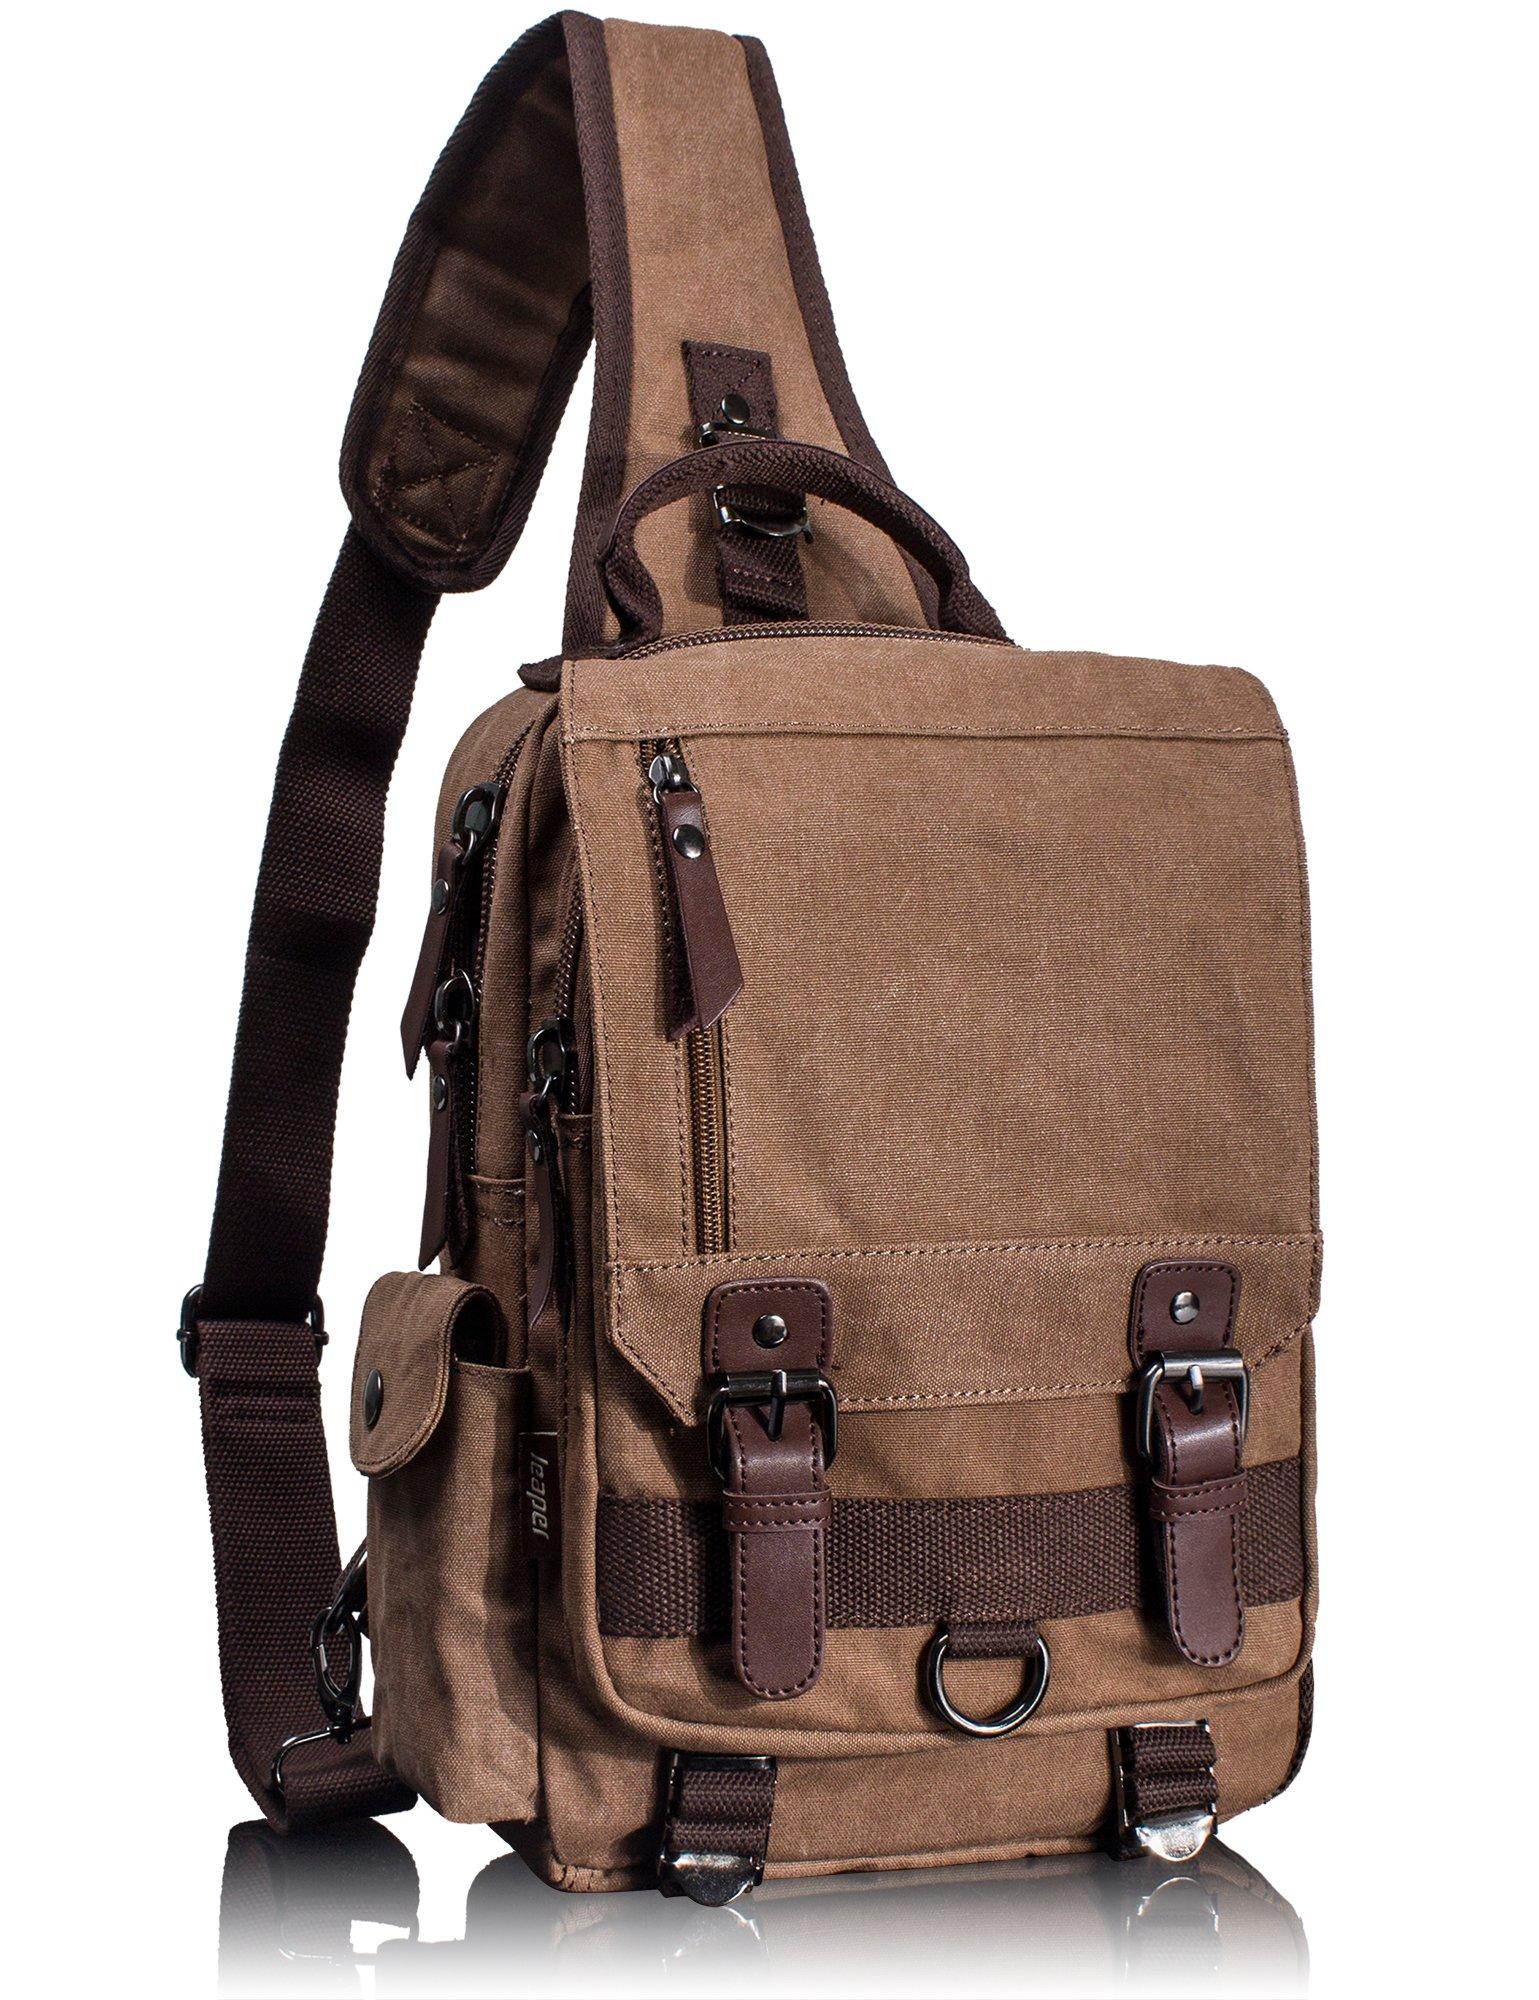 Leaper Canvas Messenger Bag Sling Bag Cross Body Bag Shoulder Bag Coffee, L